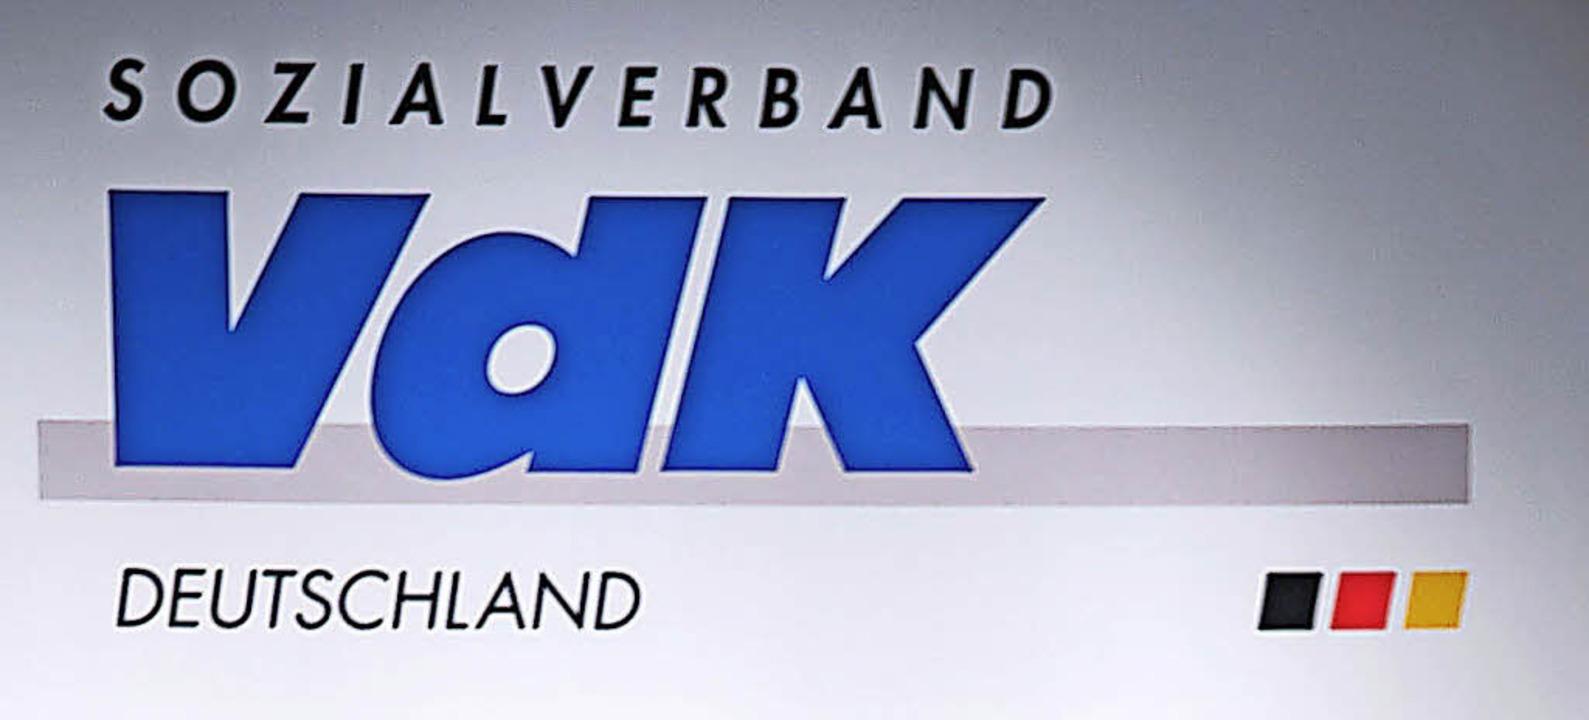 Der VdK Zell wird 70 Jahre alt.     Foto: Bernd von Jutrczenka (dpa)